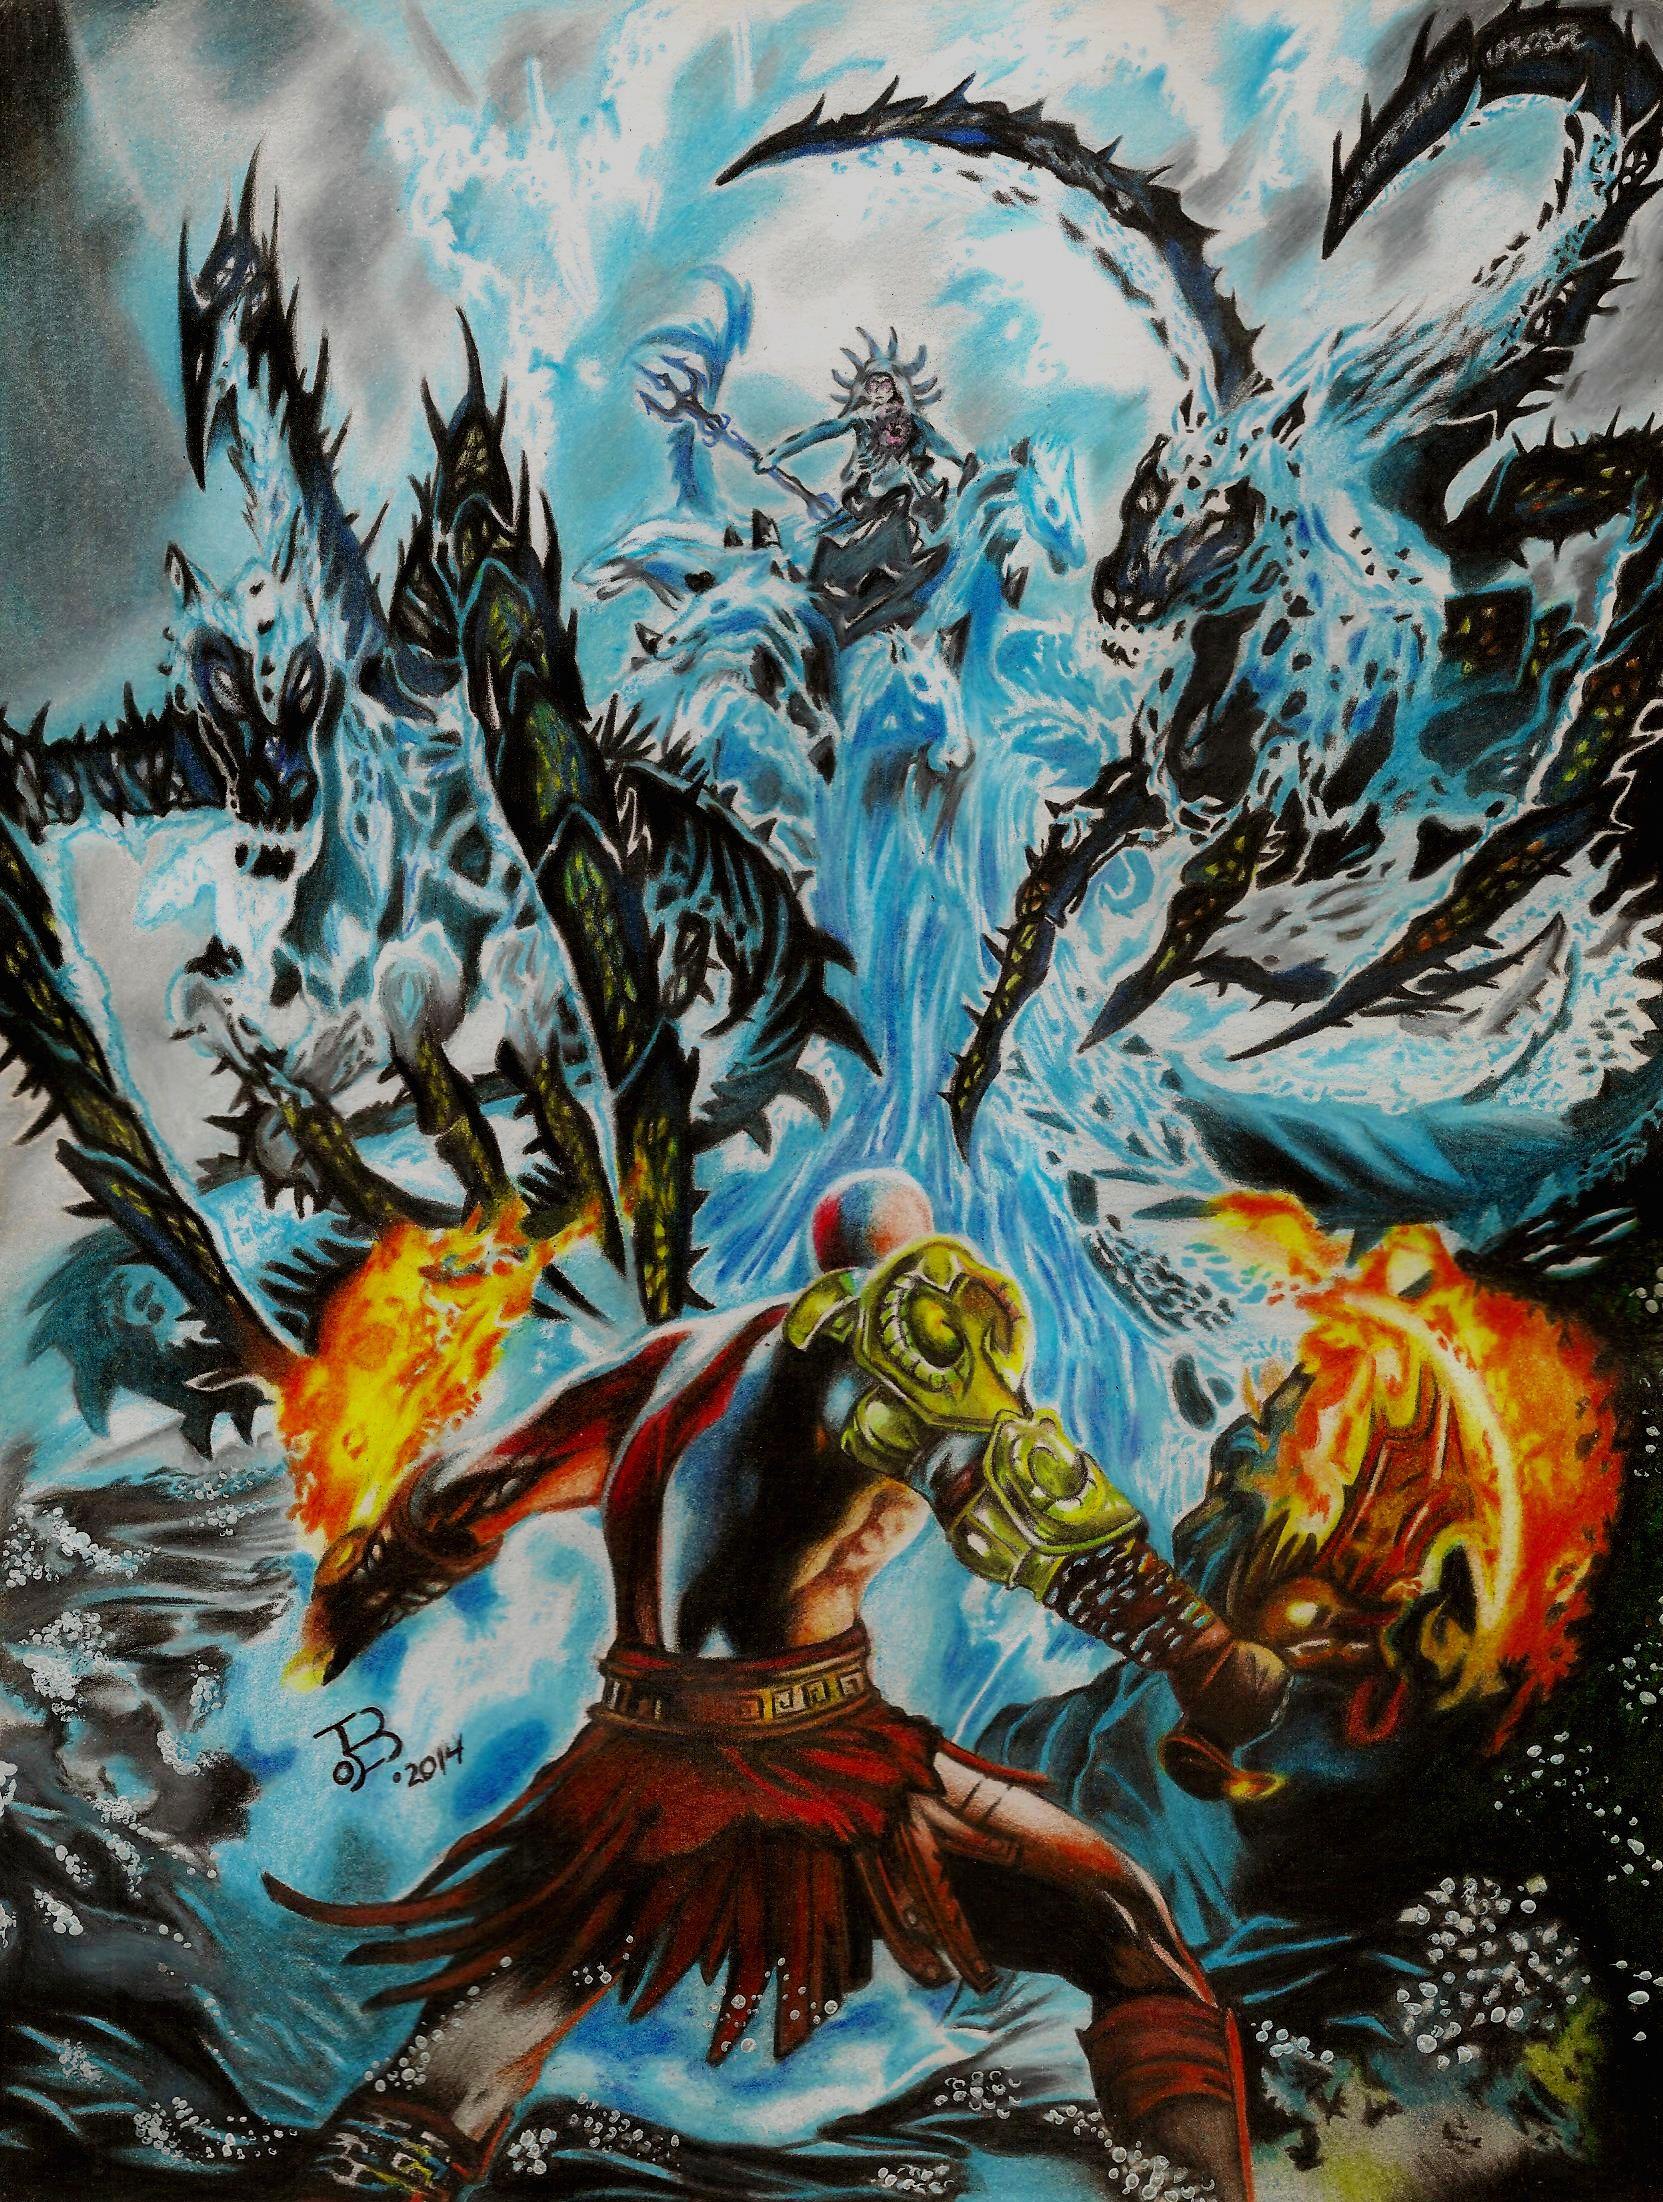 God Of War 3 Kratos Vs Poseidon Por Ejboart Dibujando Kratos God Of War Fondo De Pantalla De Anime Arte De Videojuegos